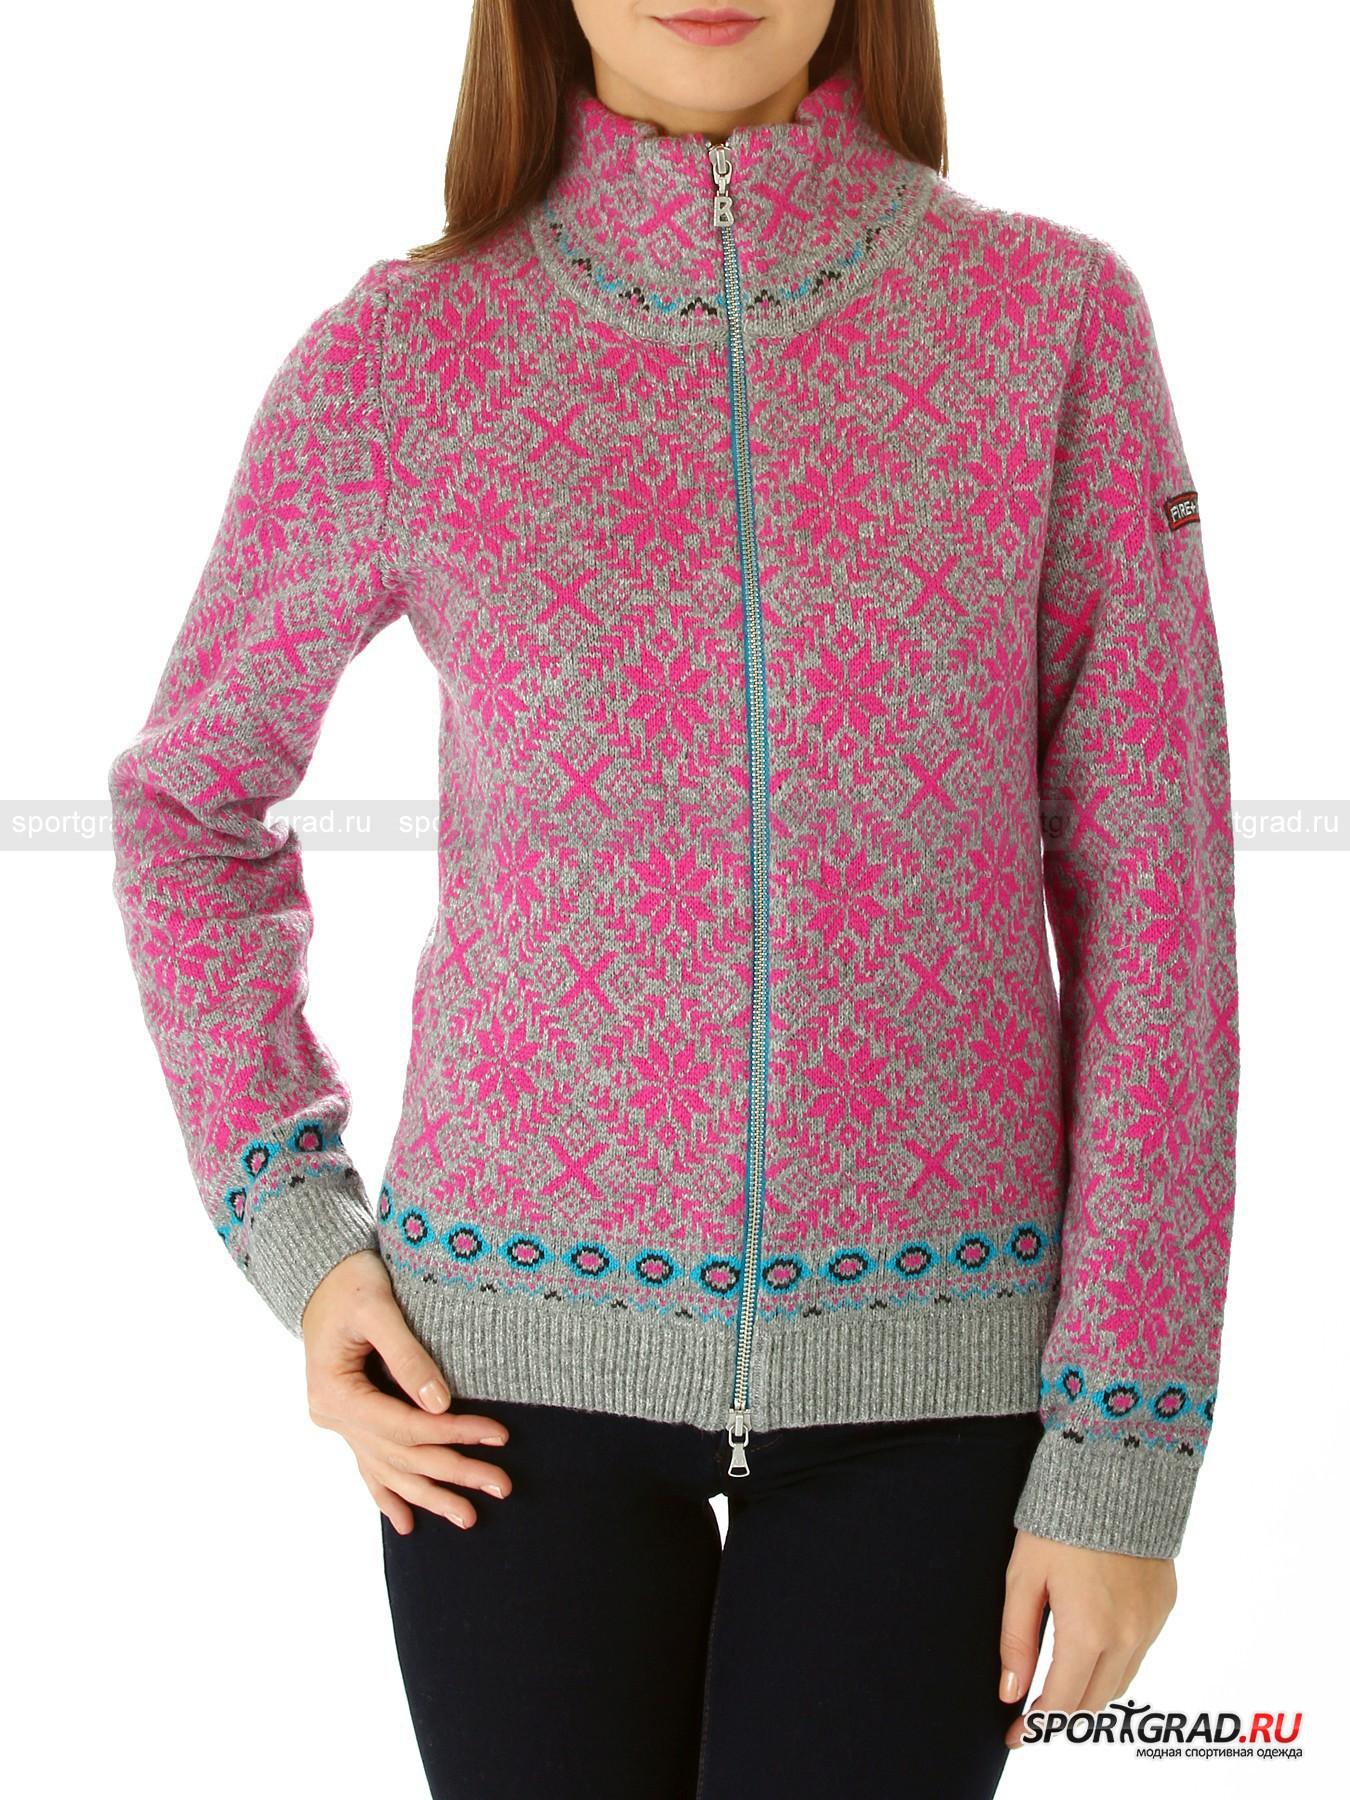 Кардиган женcкий Wendy BOGNER Fire+IceДжемперы, Свитеры, Пуловеры<br>Кардиган женcкий Wendy BOGNER – то, что нужно для холодной зимней стужи: стильный разноцветный норвежский узор, теплая и мягкая натуральная шерсть, которая отлично согревает, но при этом позволяет коже «дышать». Прямой покрой модели и эластичность вязаного трикотажа гарантируют Вам комфортные ощущения и свободу при движении, так что можно смело прокатиться с детьми с горки на санках  или устроить веселую прогулку по заснеженному лесу.  <br><br>Кардиган  имеет металлическую застежку-молнию с двумя бегунками и высокий ворот, цвет внутренней части которого совпадает с одним из цветов принта и имеет ярко-голубой оттенок. <br>                                                                                                                                                                                                                                                                                                                                                 <br> Длина изделия сзади по центру от горловины до низа 56 см, ширина в груди 44 см, длина рукава по нижнему шву 49 см (размер 36).<br><br>Пол: Женский<br>Возраст: Взрослый<br>Тип: Джемперы, Свитеры, Пуловеры<br>Рекомендации по уходу: Допускается деликатная стирка изделия в прохладной воде, глажка при низкой температуре. Не рекомендуется использовать отбеливатели и отжимать в центрифуге.<br>Состав: 63% шерсть, 19% вискоза, 15 % полиамид, 3% кашемир